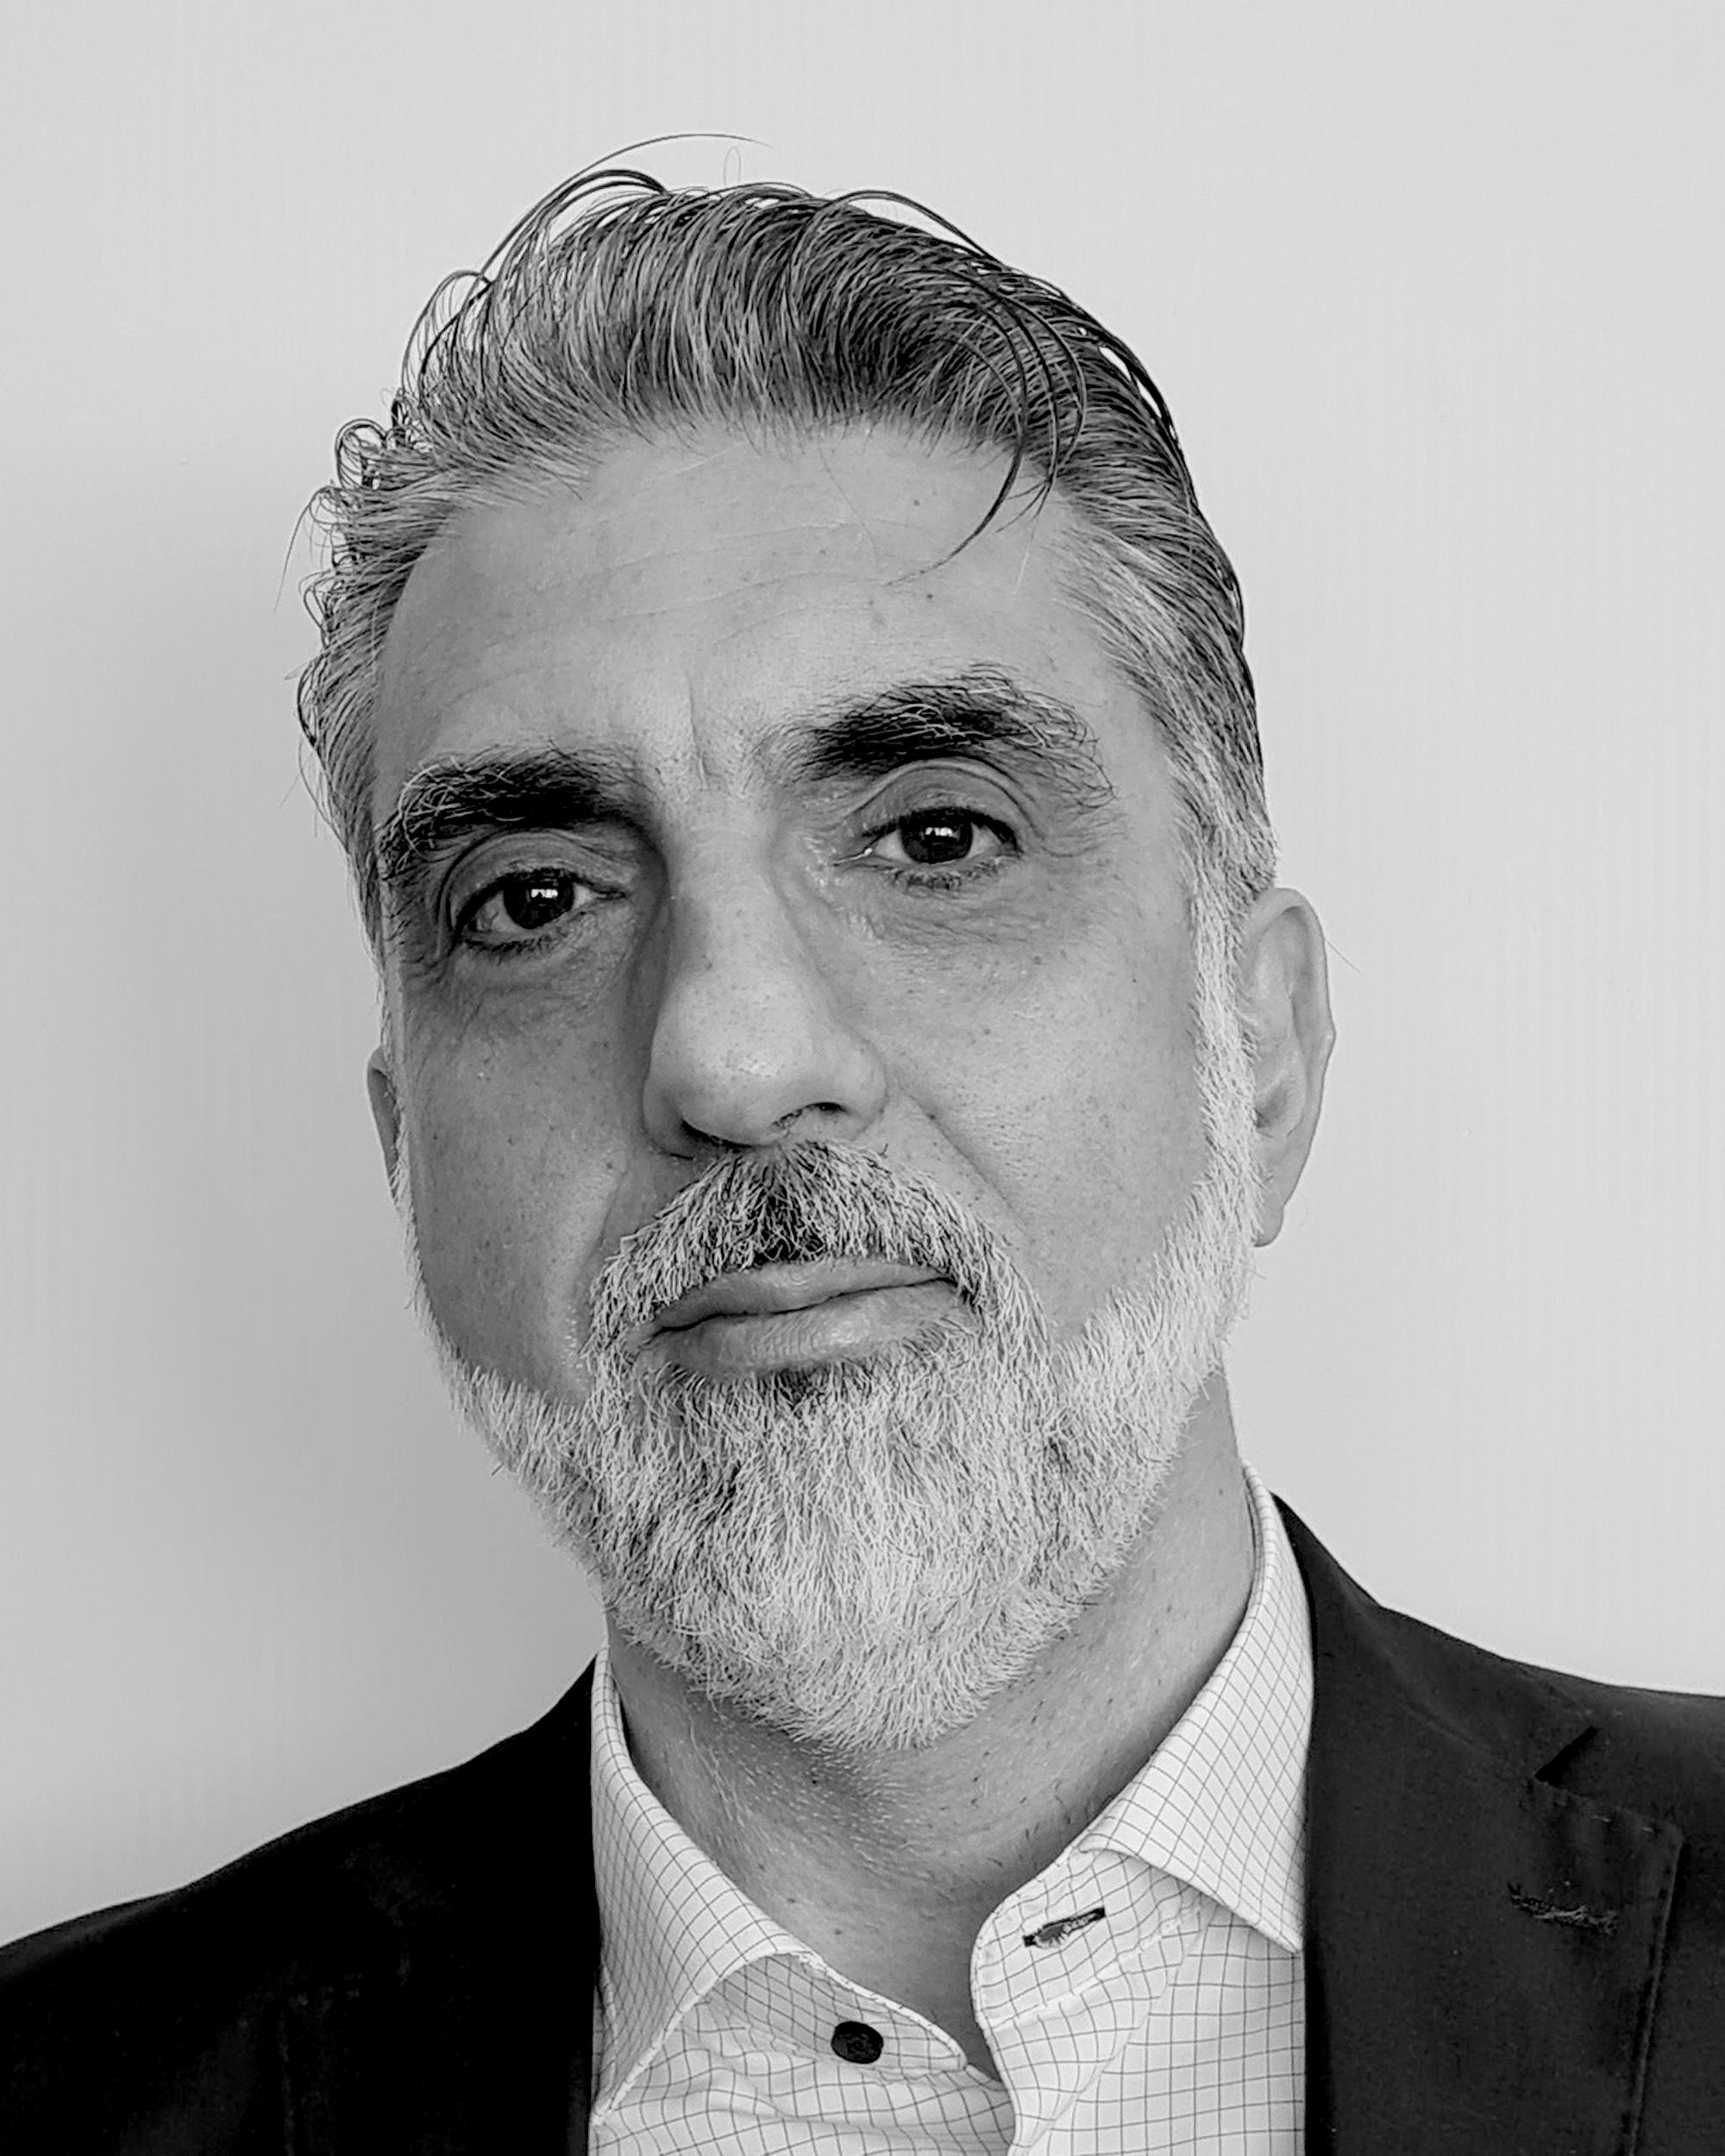 Headshot of Vasilis Gaitanidis